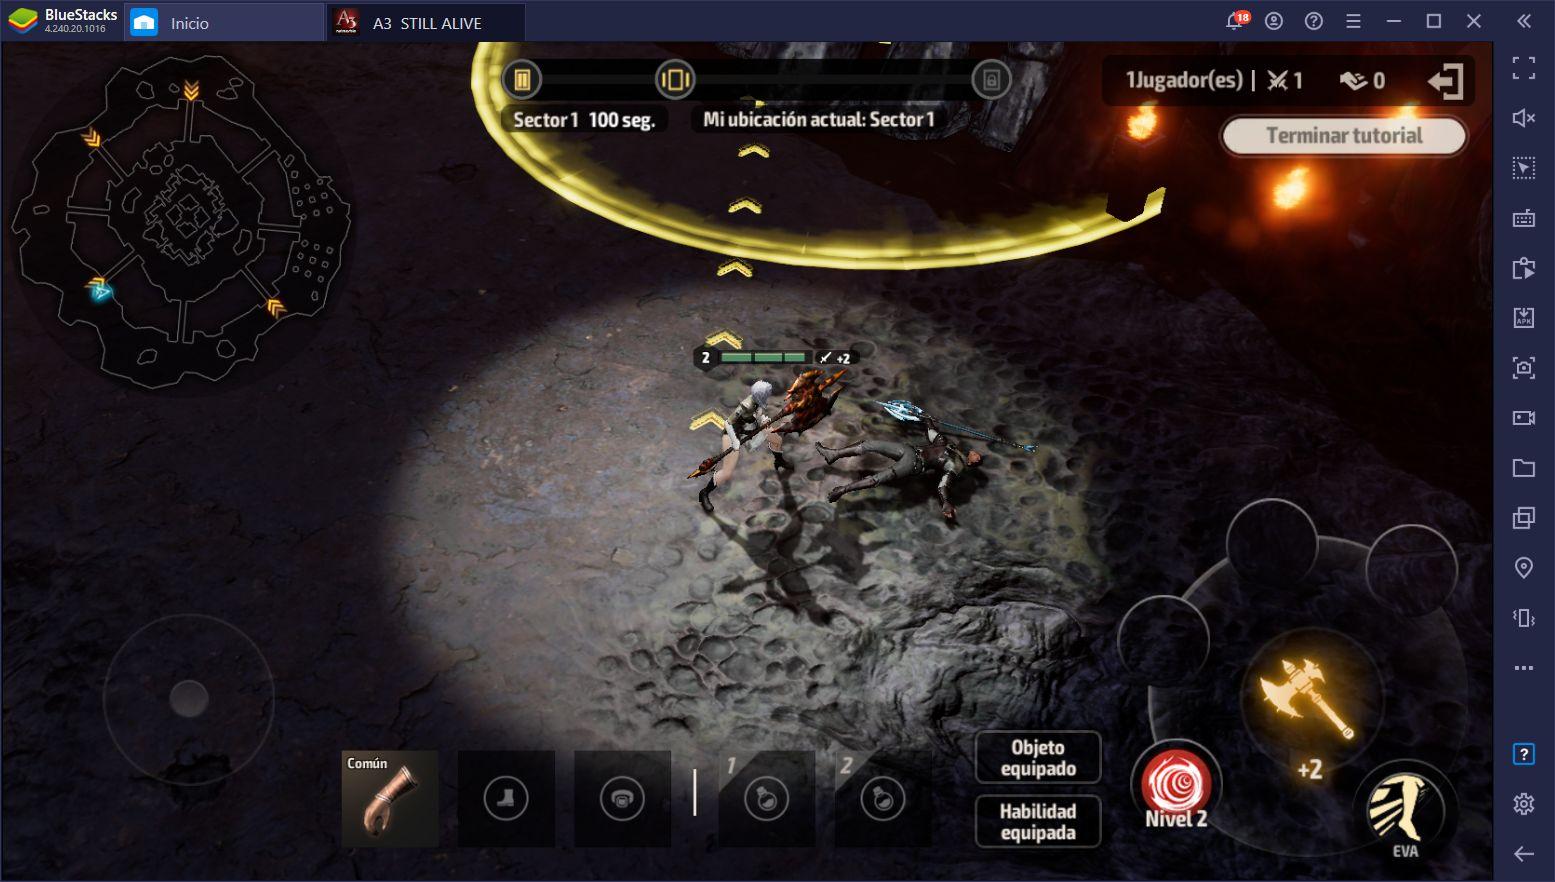 Guía del Battle Royale de A3: Still Alive – Cómo Jugar y Ganar Todas tus Partidas